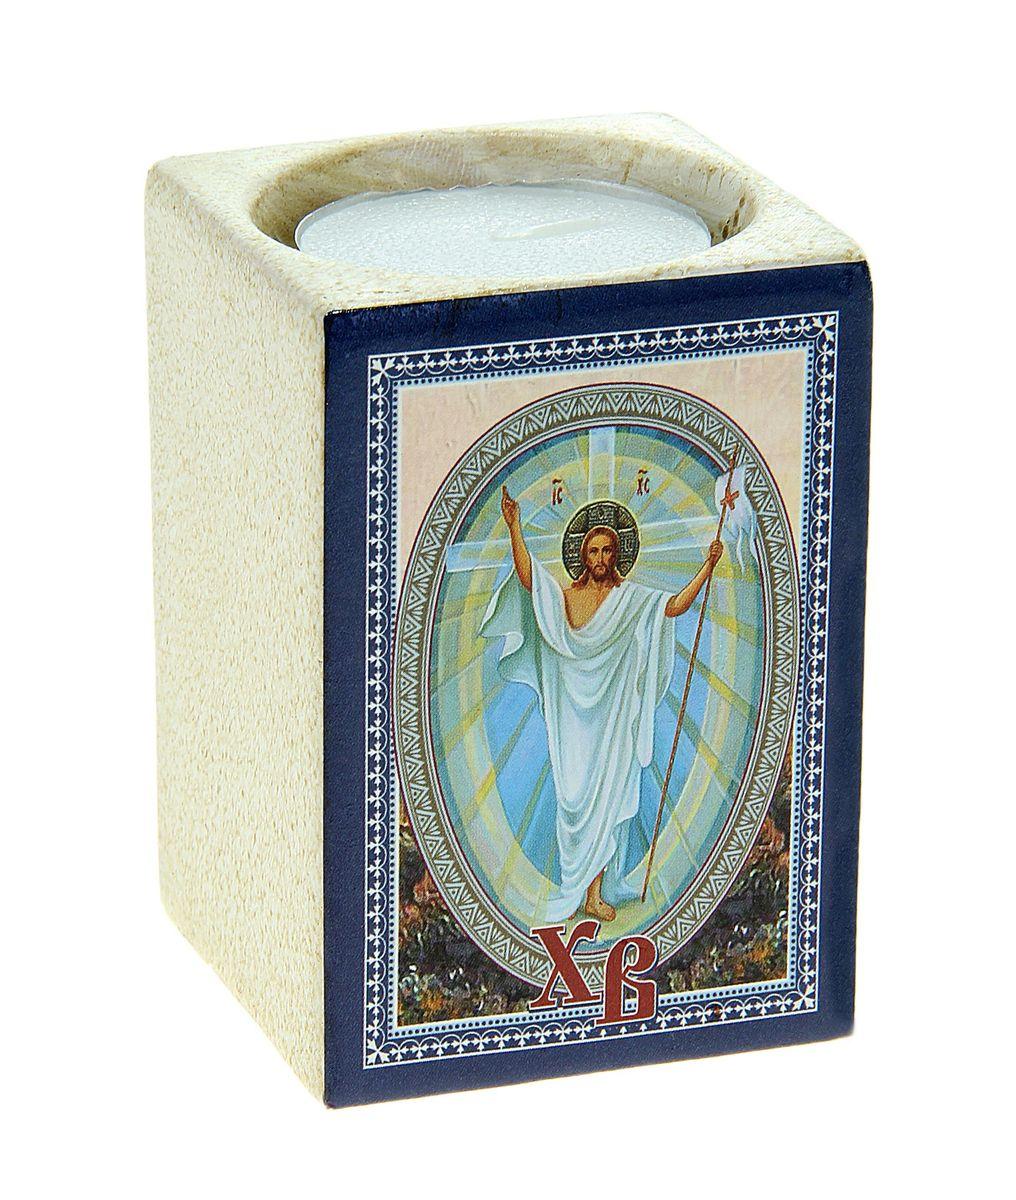 Подсвечник Sima-land Христос воскресший!, со свечойV4140/1SПодсвечник Sima-land Христос воскресший! изготовлен из качественной керамики, предназначен для свечи в гильзе. С одной стороны подсвечника изображен храм, с другой стороны написаны пожелания. Зажгите свечку поставьте ее в подсвечник и наслаждайтесь теплом, которое наполнит ваше сердце. В комплекте свеча. Такой подсвечник привнесет в ваш дом согласие и мир и будет прекрасным подарком, оберегающим близких вам людей. Размер подсвечника (ДхШхВ): 5 см х 5 см х 7 см.Диаметр отверстия для свечи: 4,5 см.